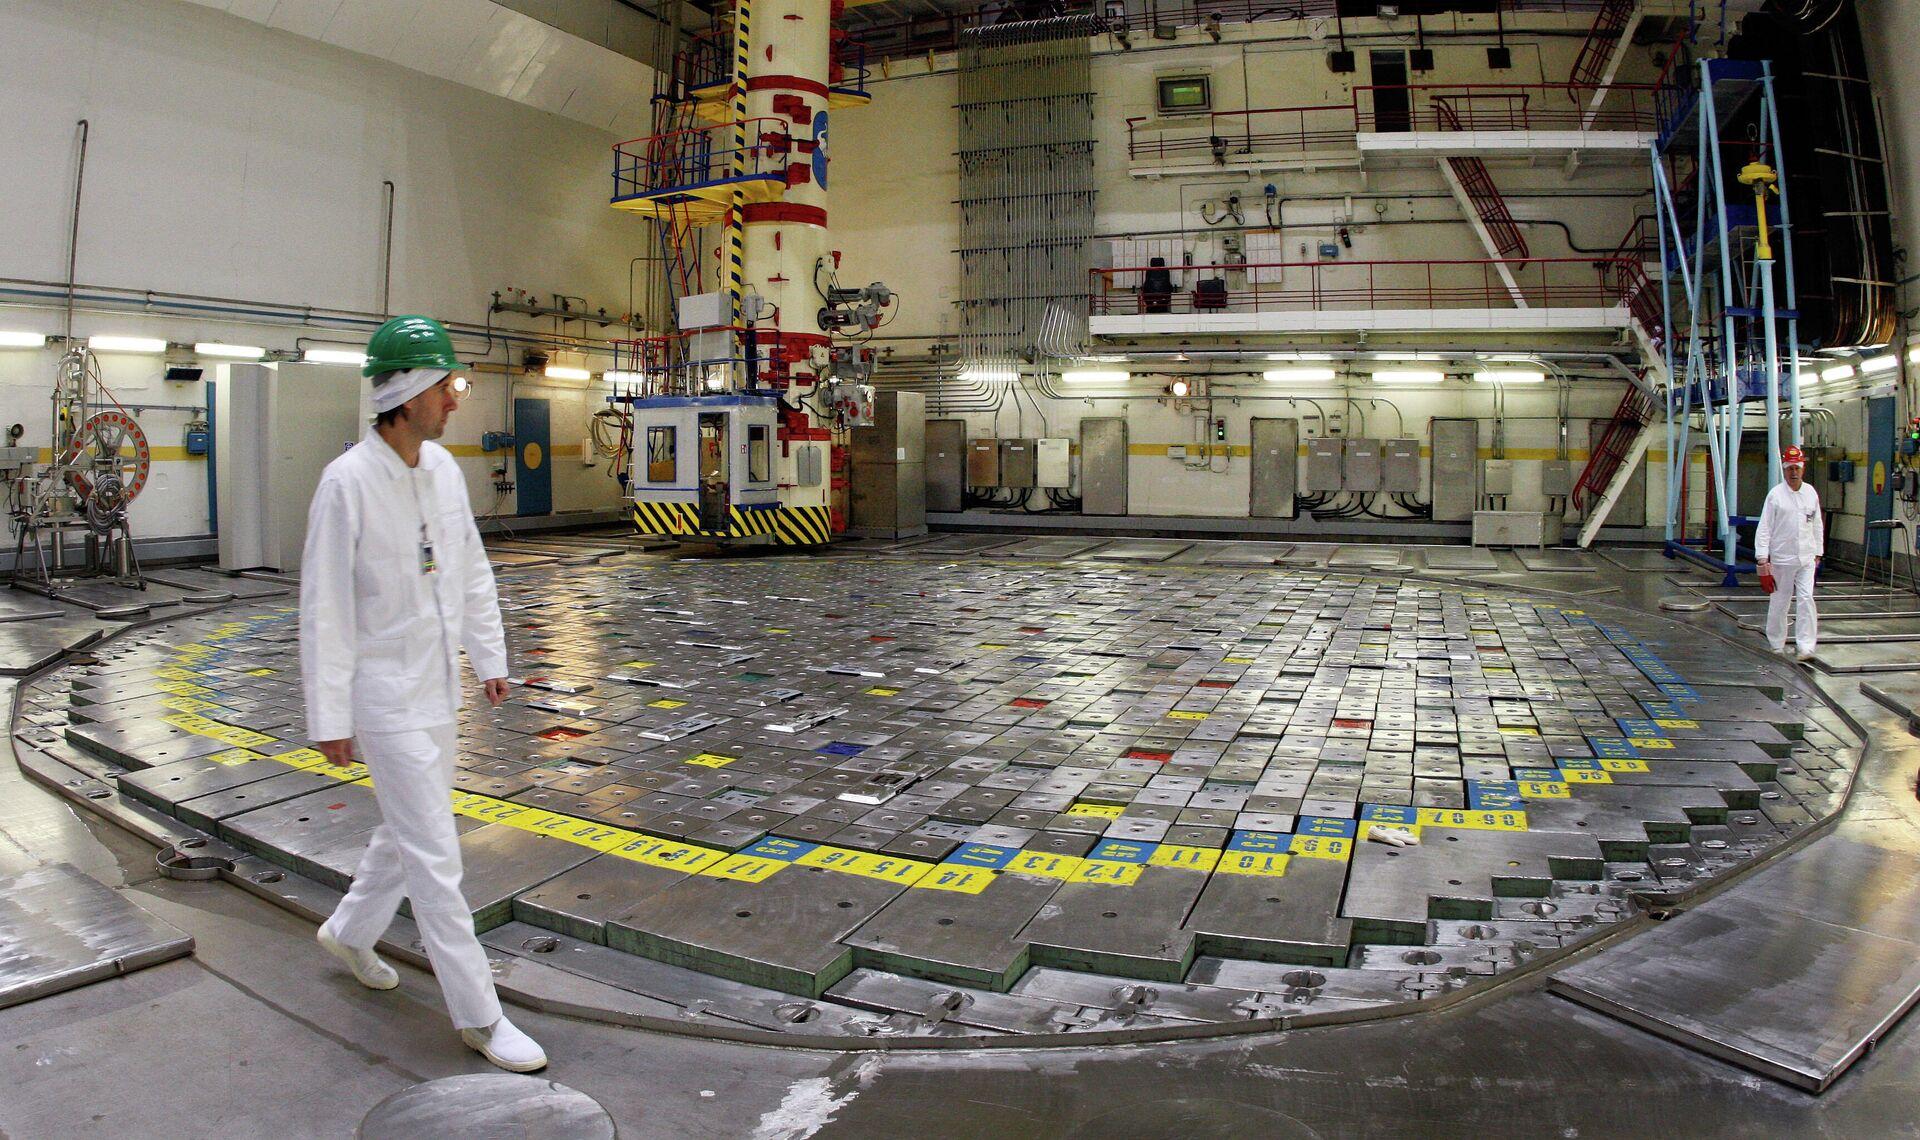 Сотрудники Игналинской АЭС в реакторный зале. 2009 год - РИА Новости, 1920, 30.04.2021